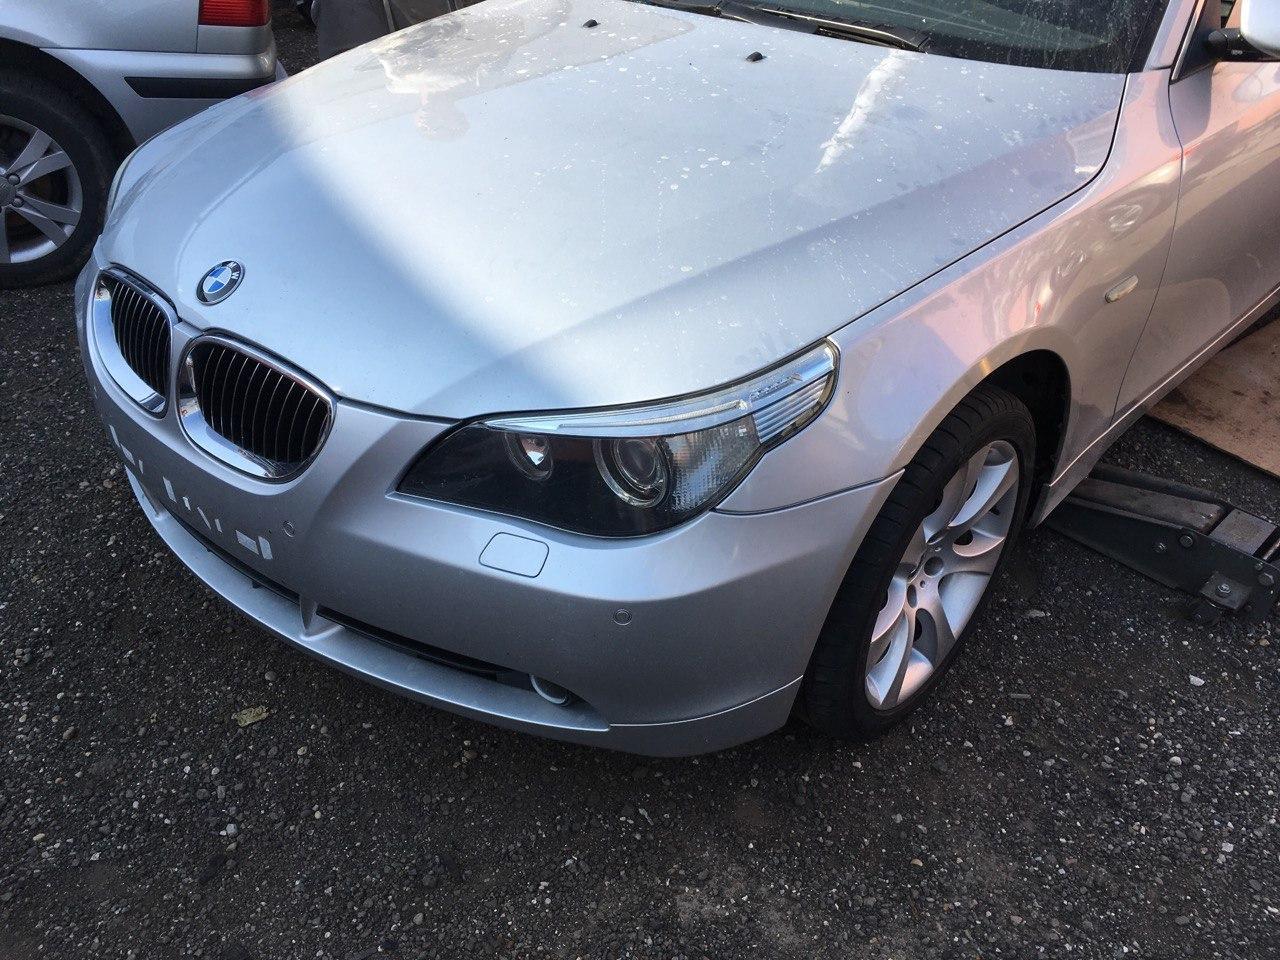 BMW E61 530D Carbon Car Center 3